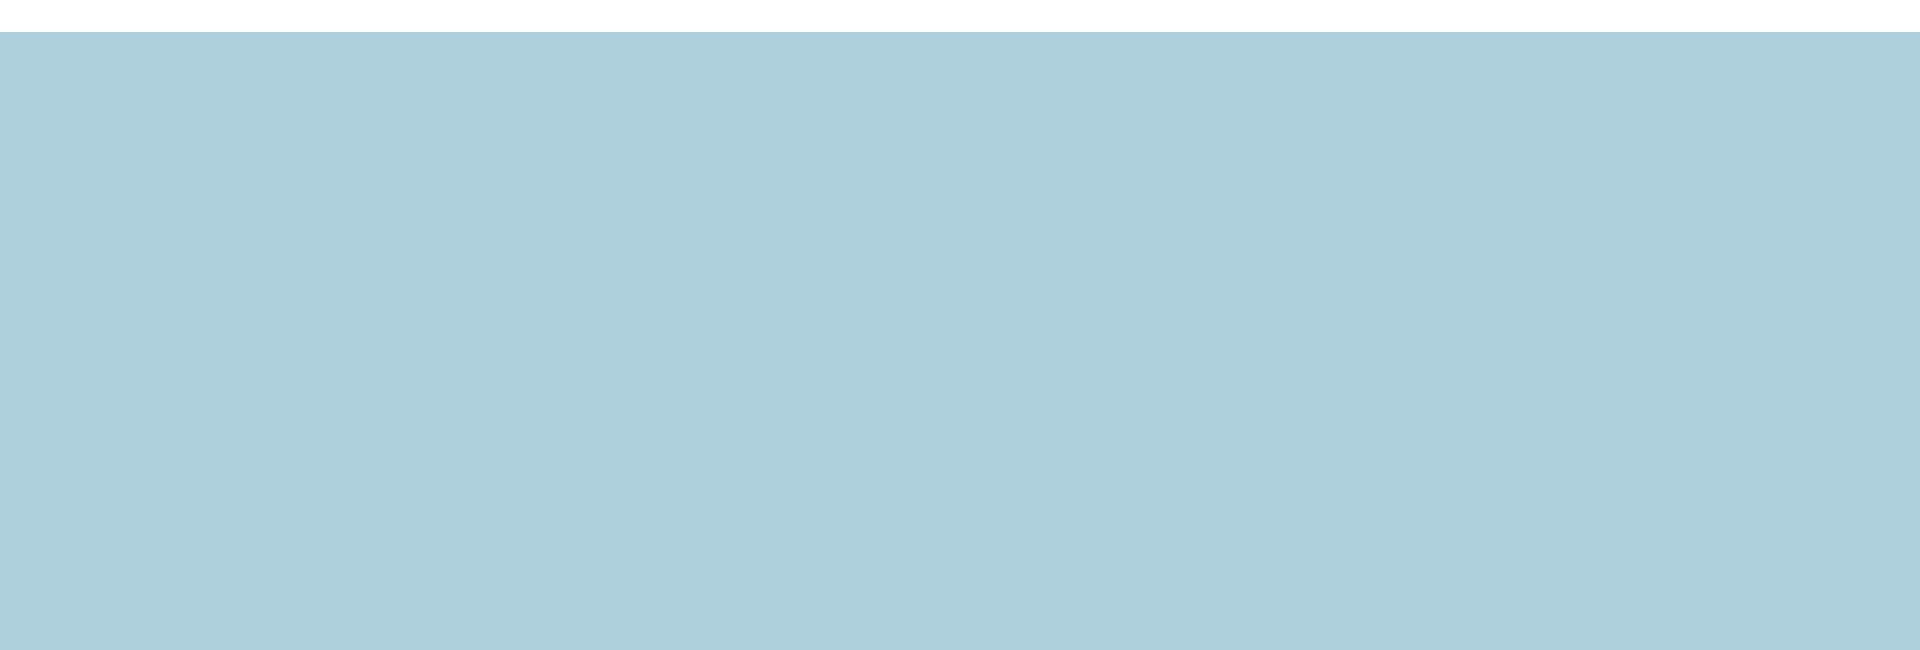 consupts-stripe-ones